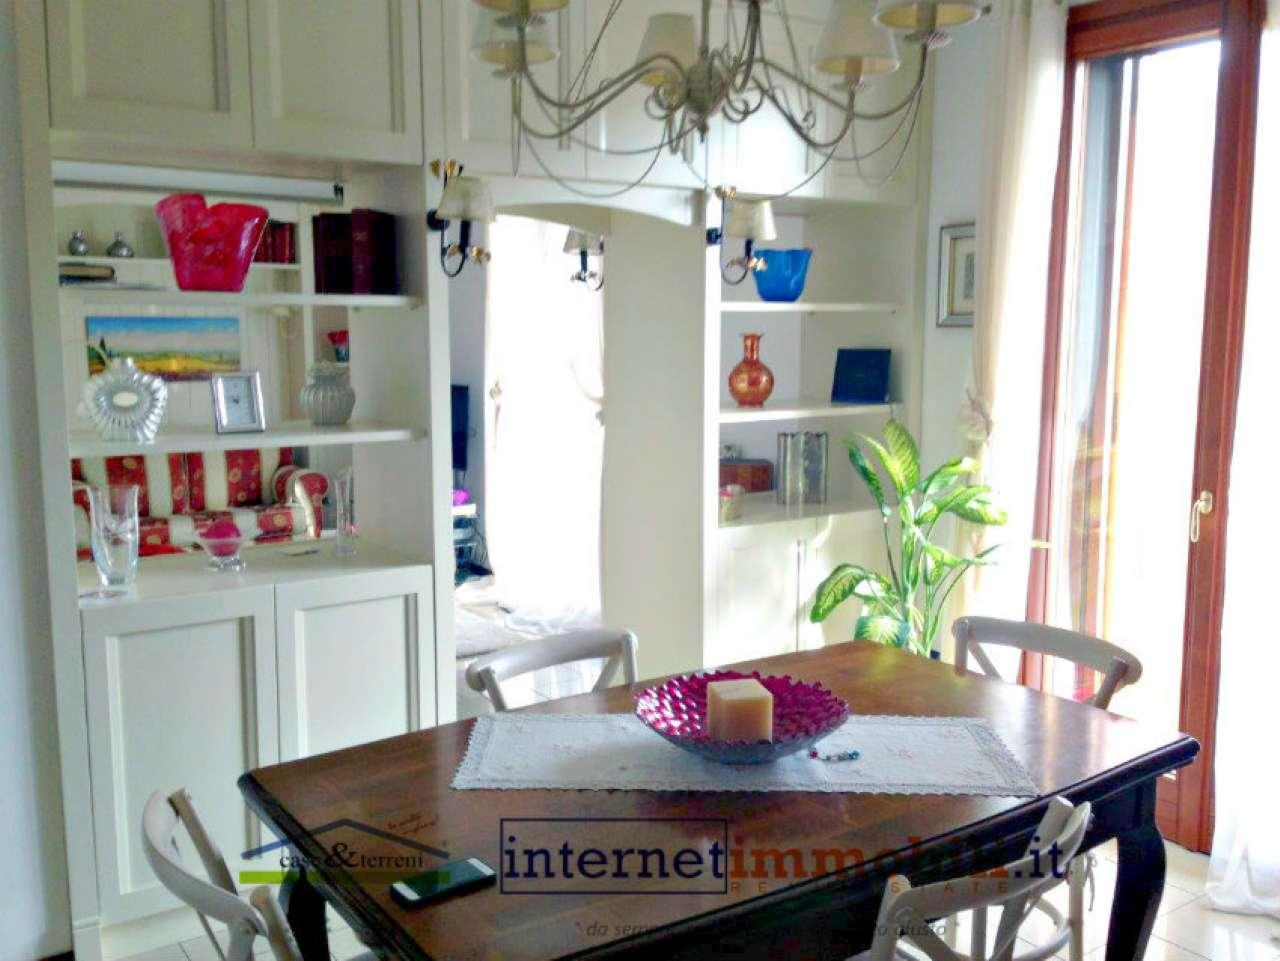 Appartamento in vendita a Bussero, 3 locali, prezzo € 290.000 | Cambio Casa.it